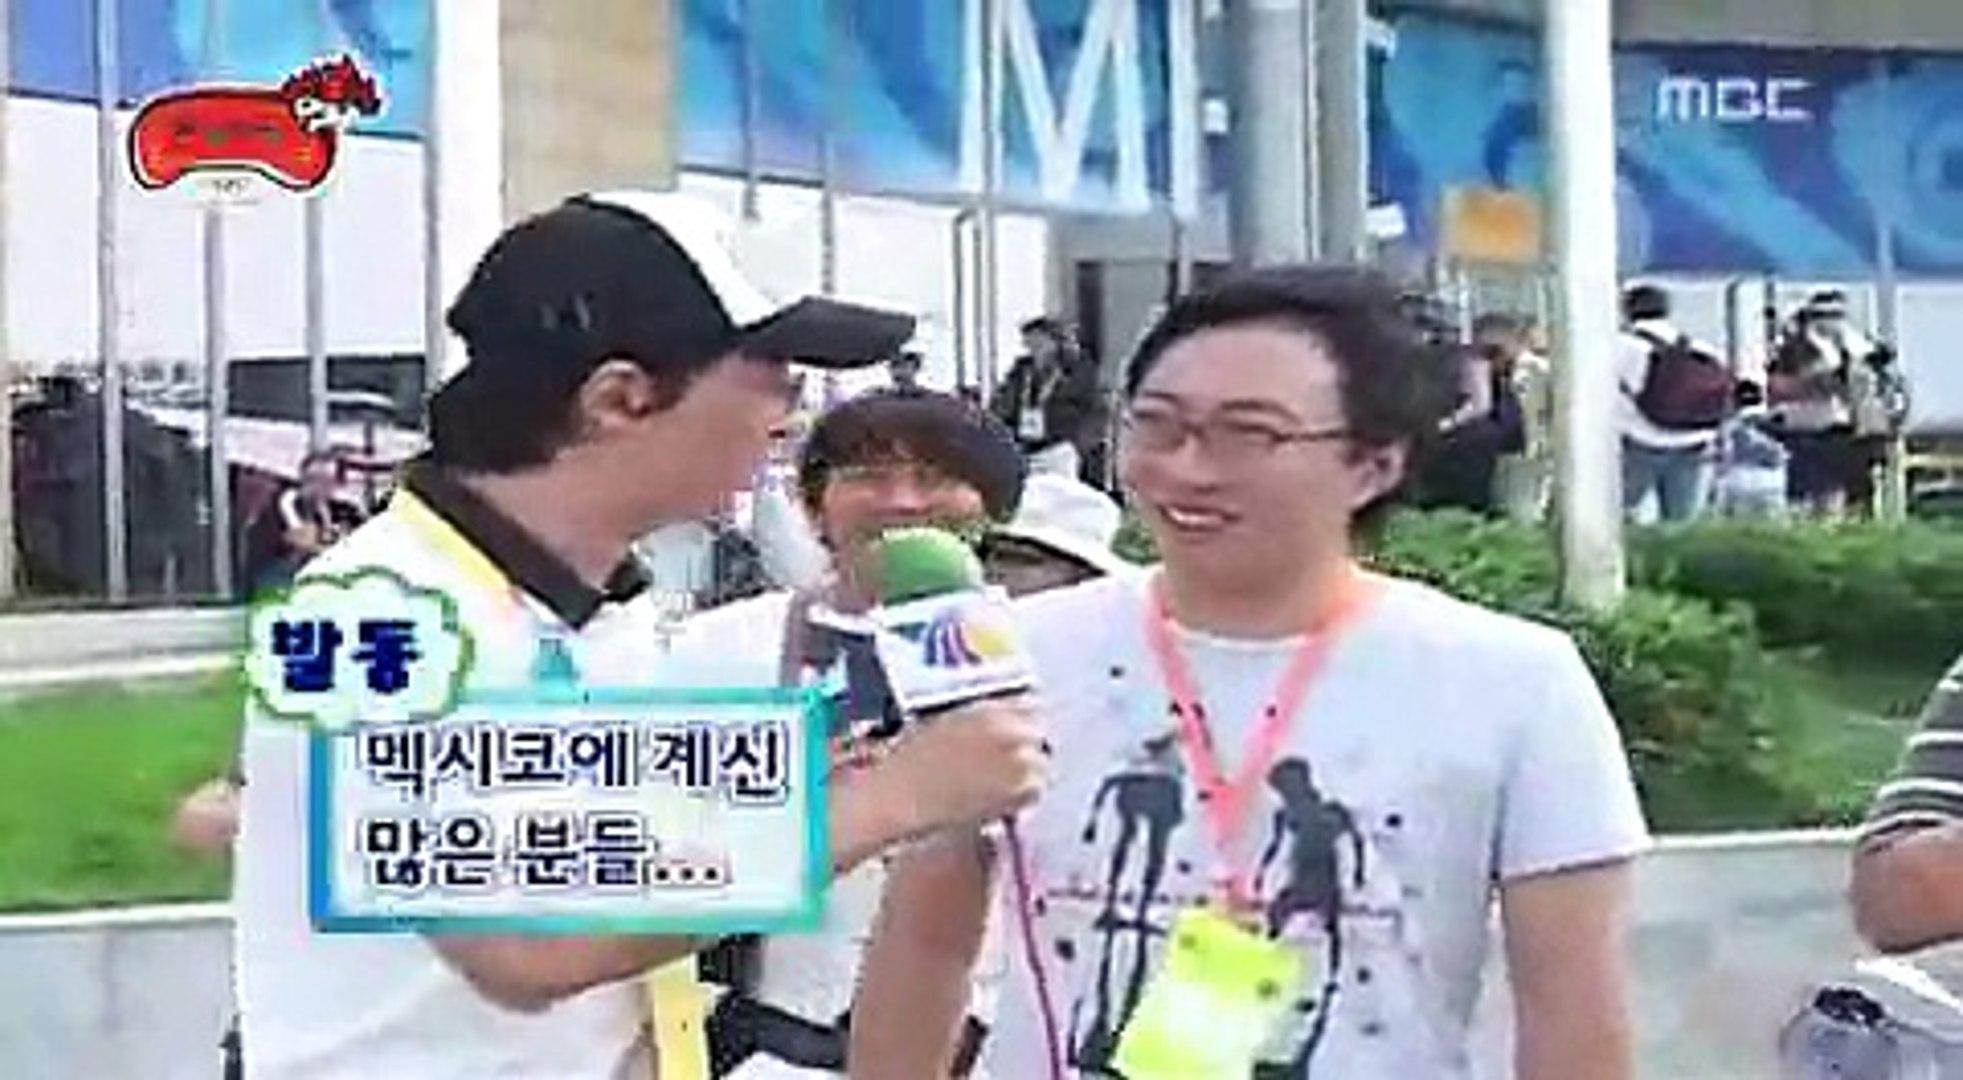 Korea TV show met Mexico TV show.